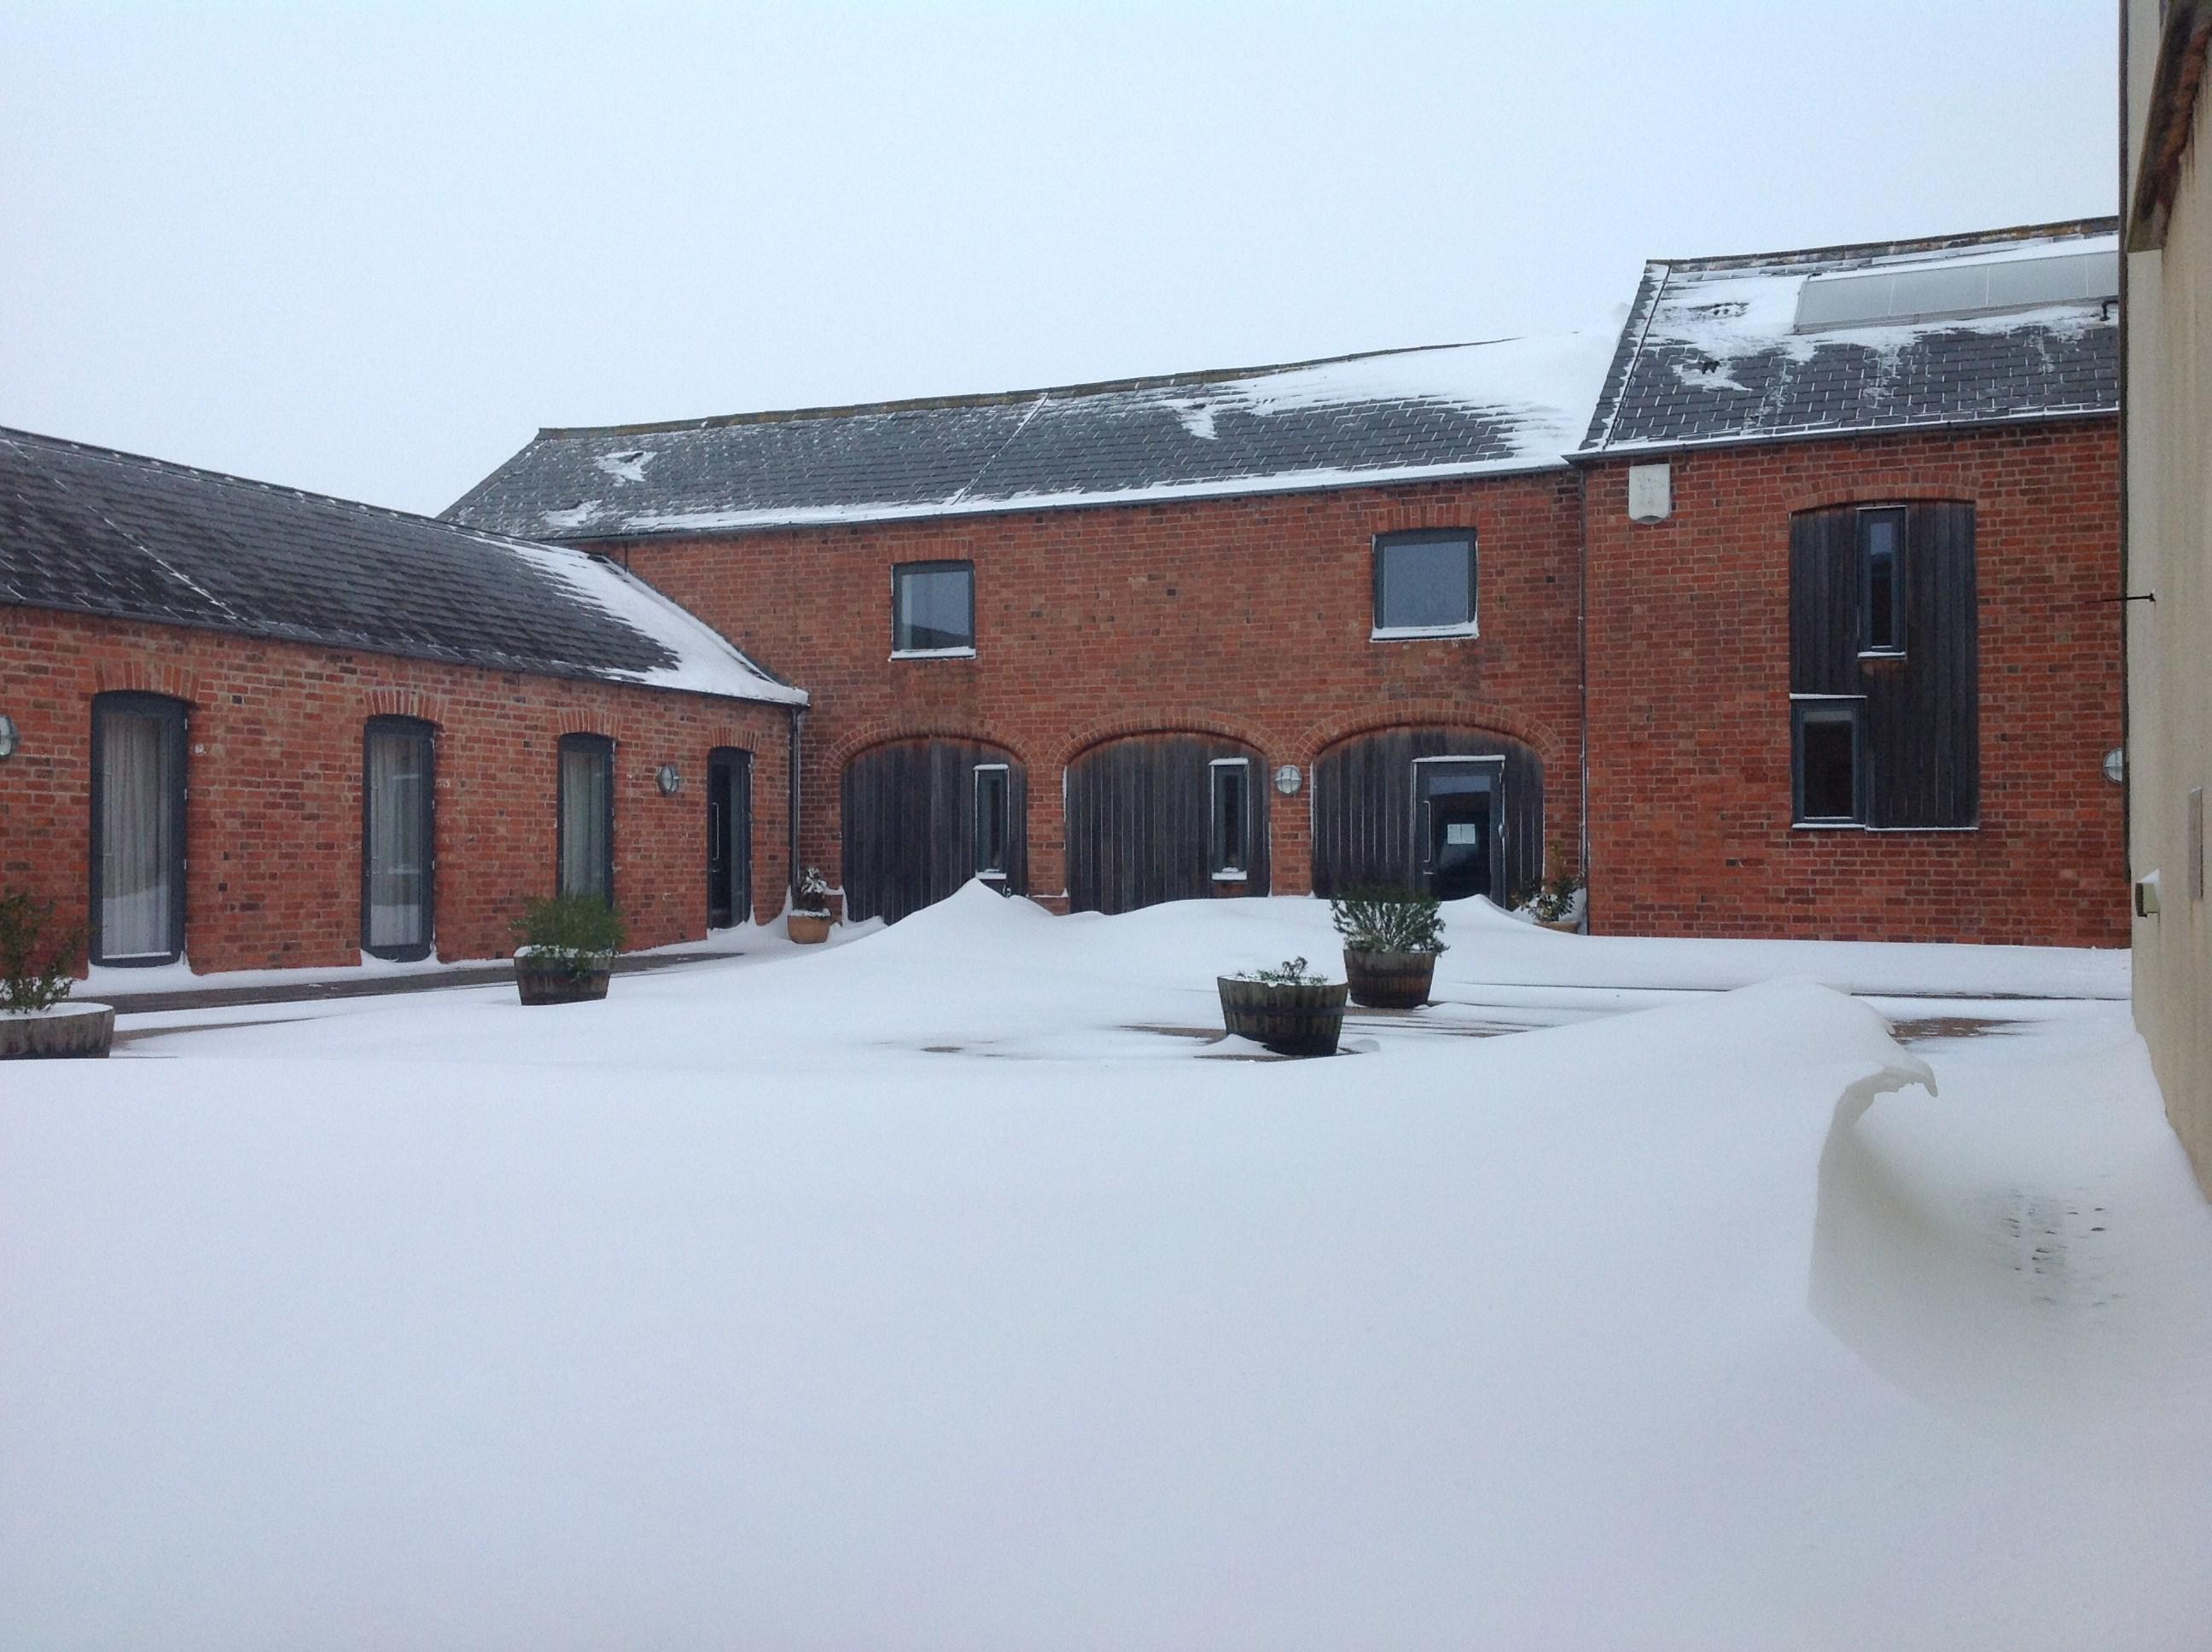 snow at mucknell